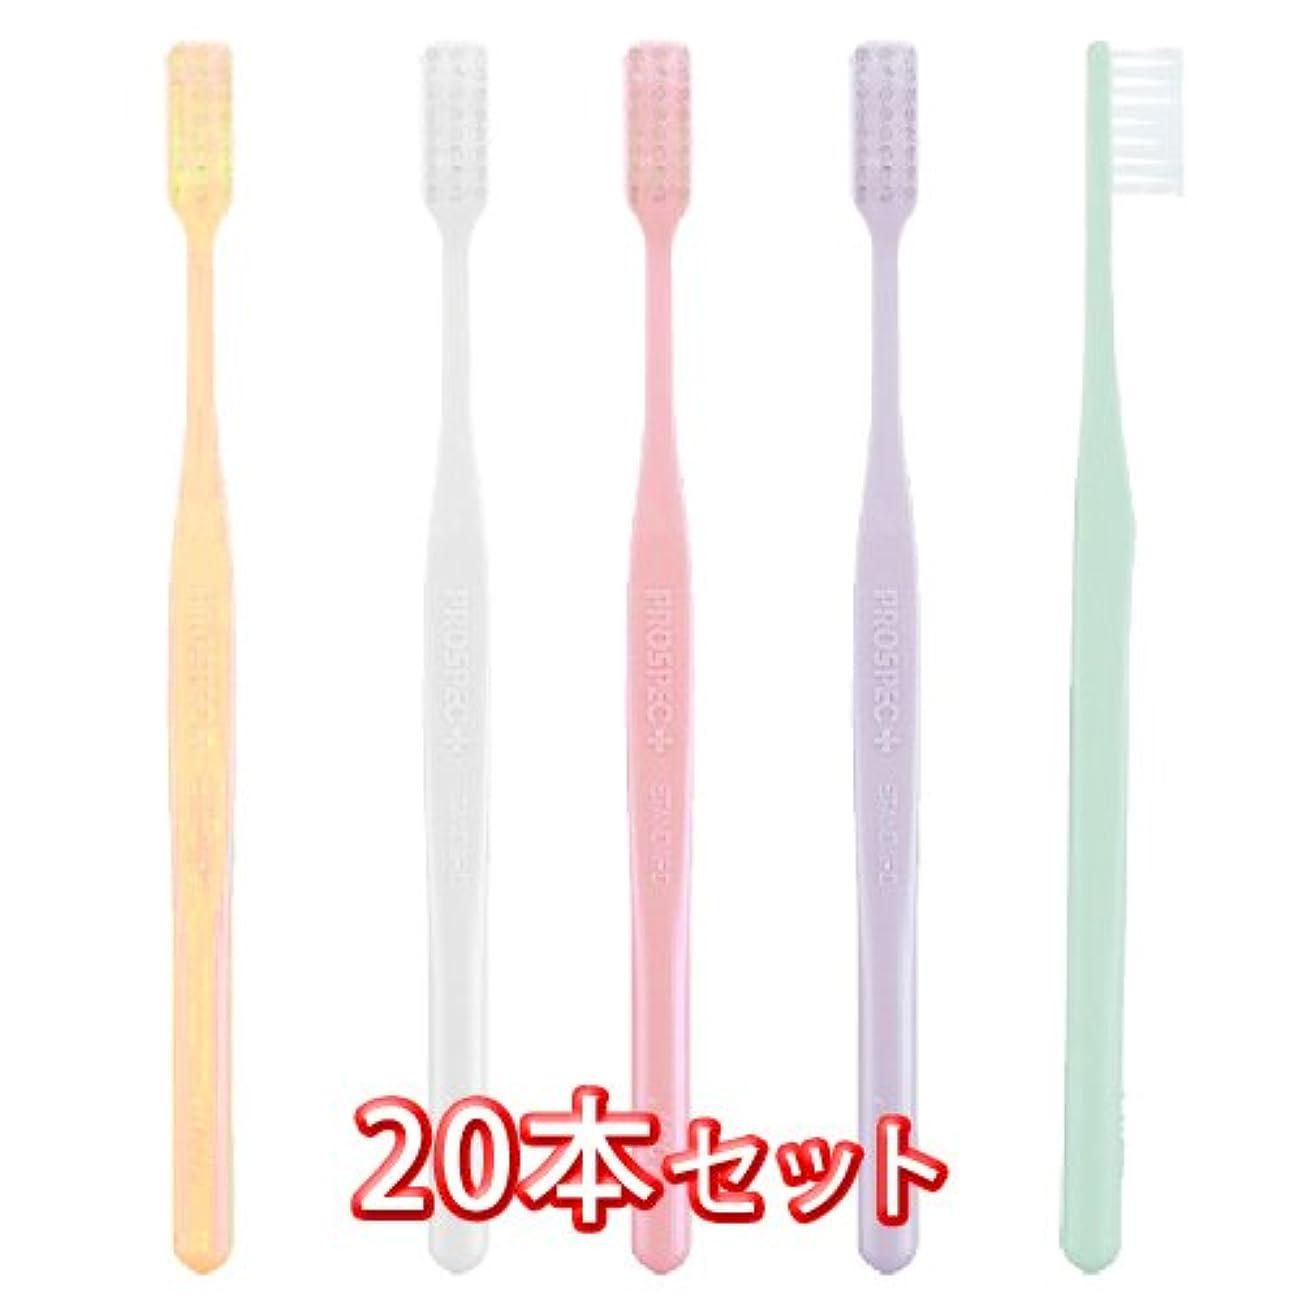 漂流石化する公式プロスペック 歯ブラシ プラススタンダード 20本入 S やわらかめ